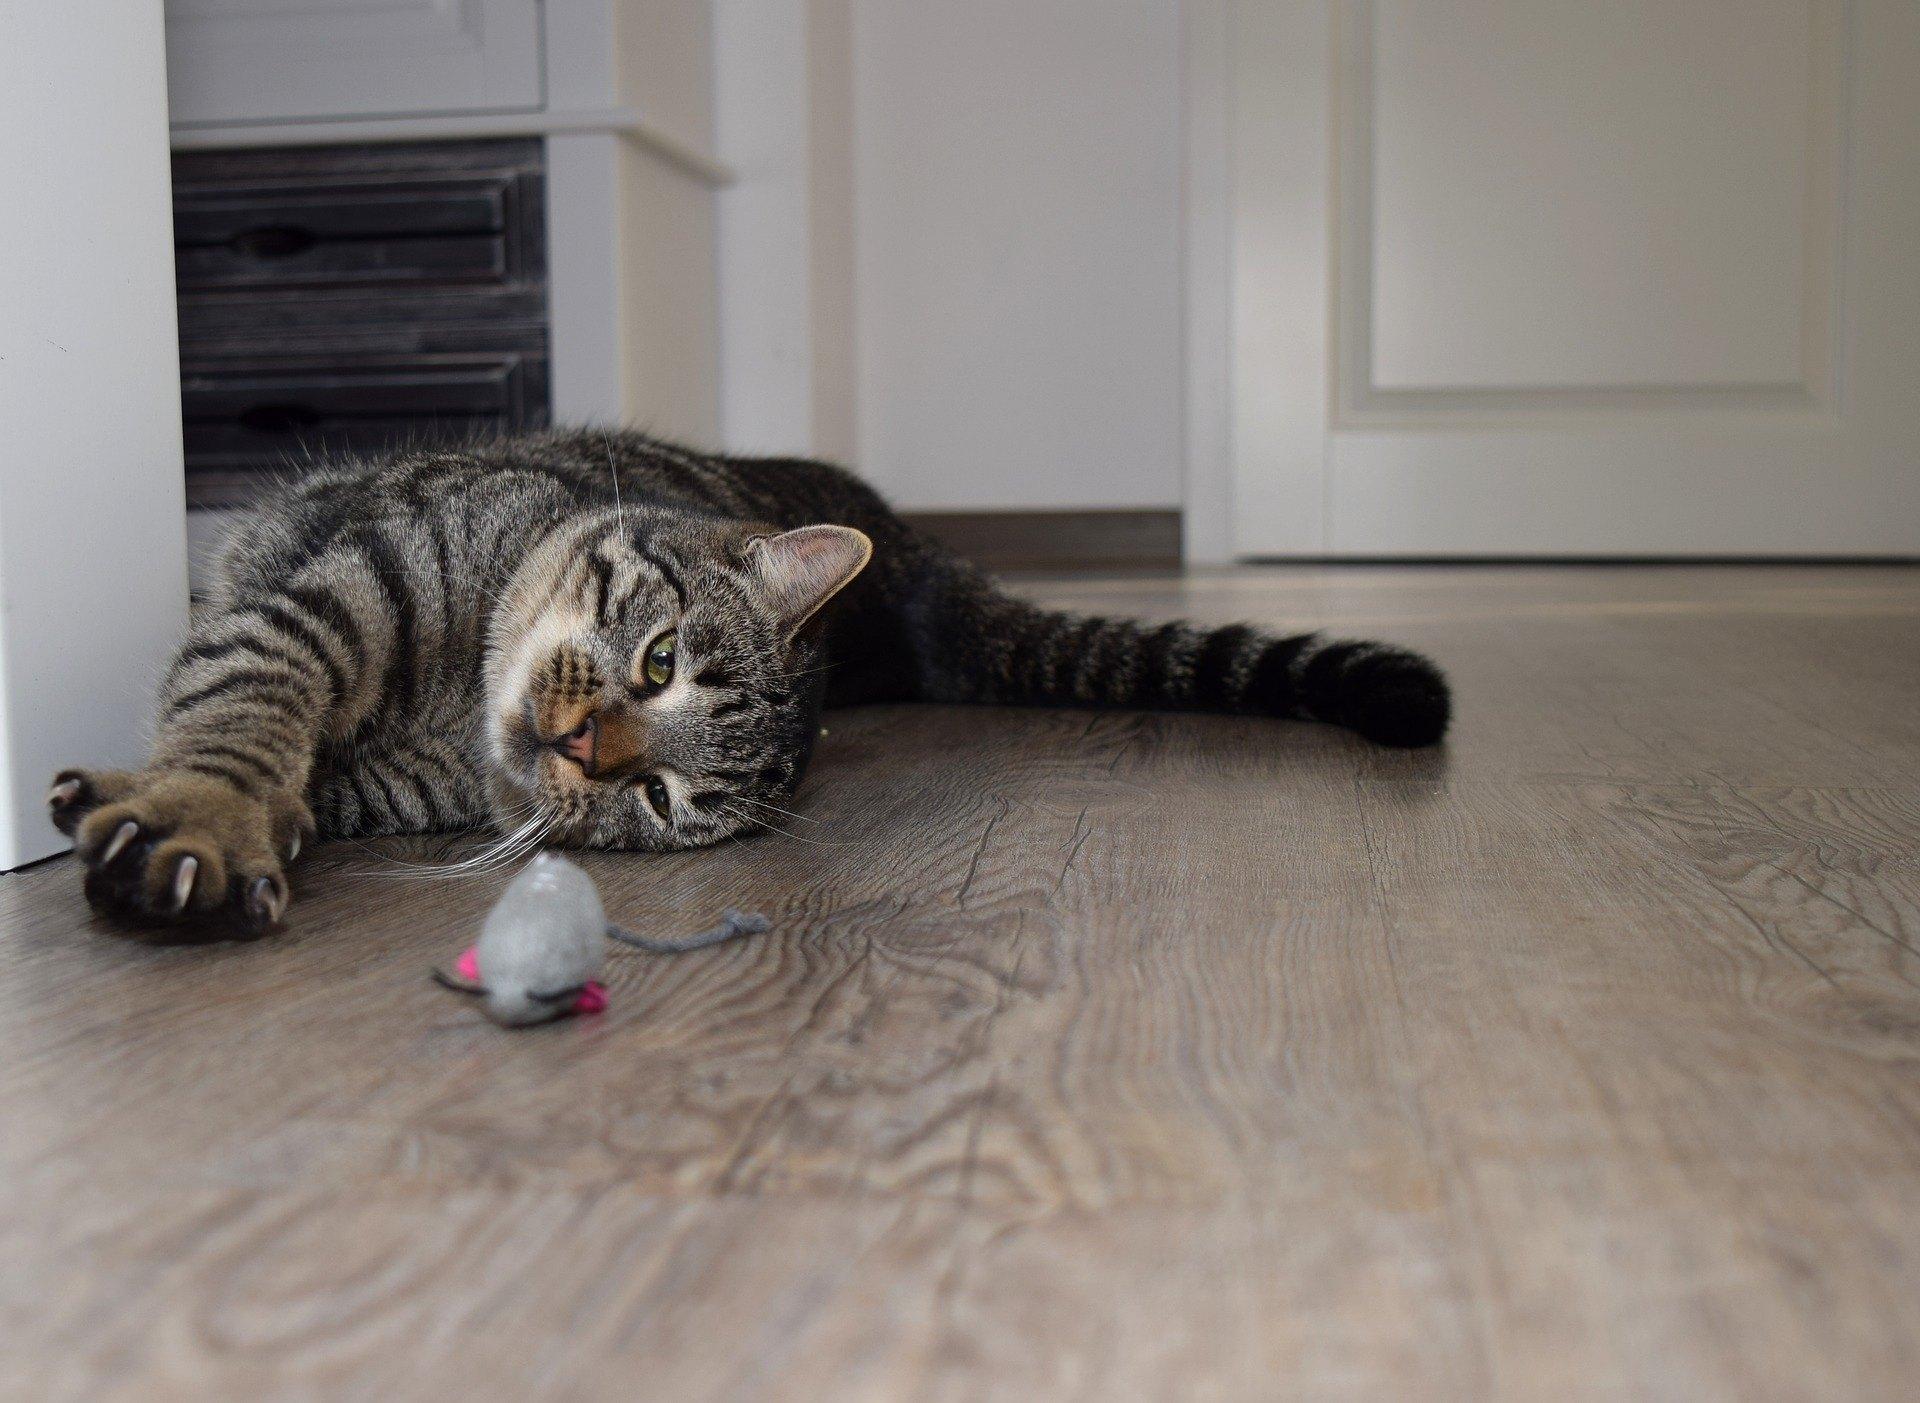 Myš pro kočku je dobrý způsob, jak zpestřit kočce stravu.